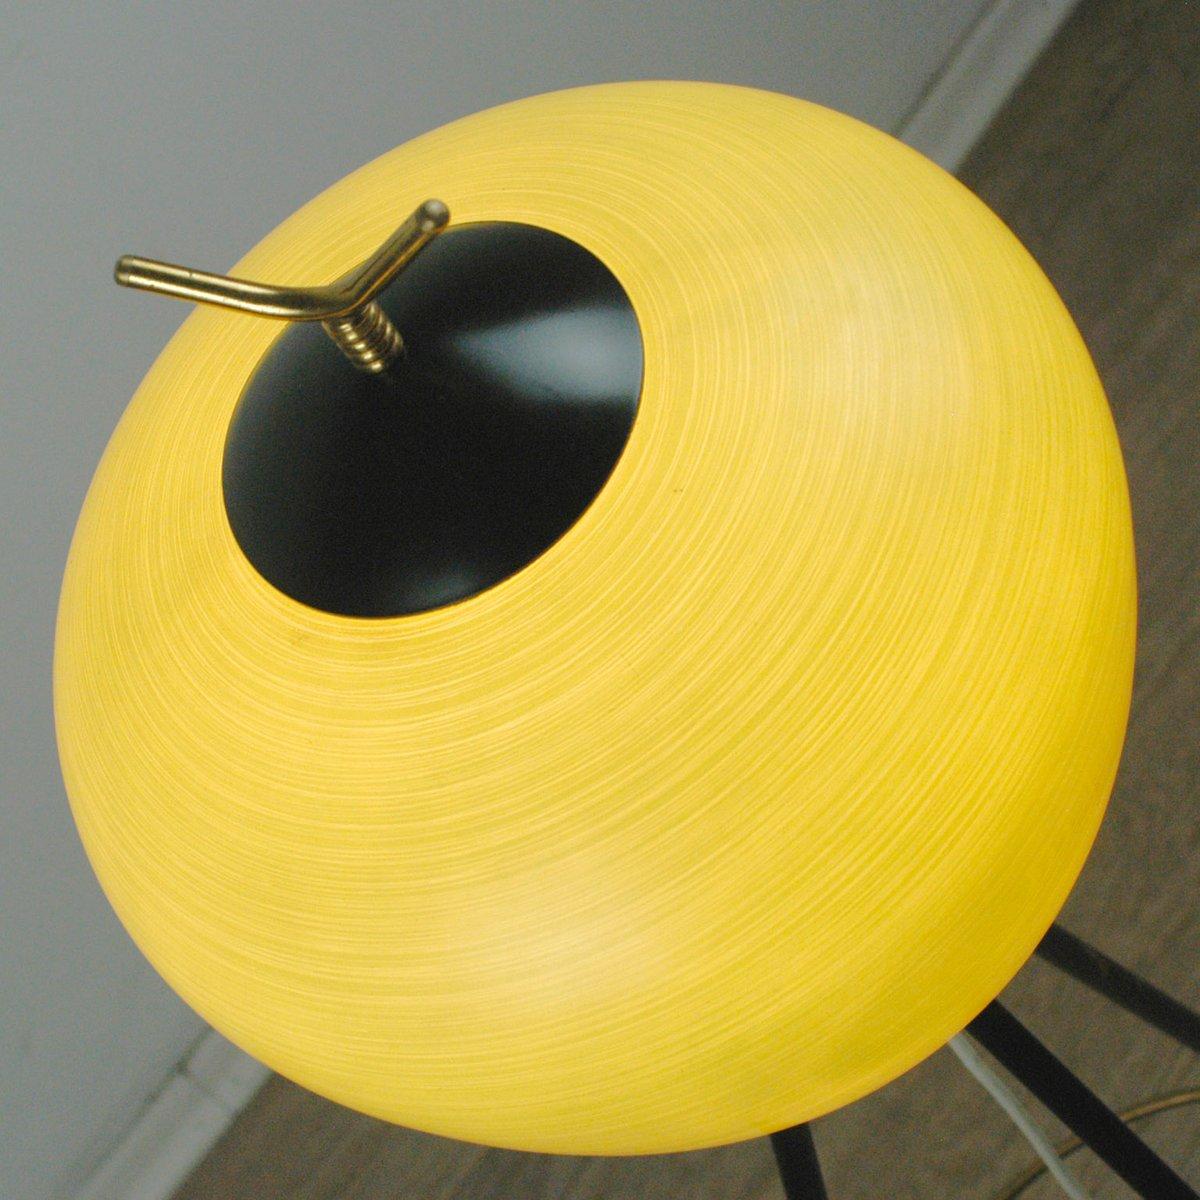 italienische dreifu stehlampe von stilnovo bei pamono kaufen. Black Bedroom Furniture Sets. Home Design Ideas